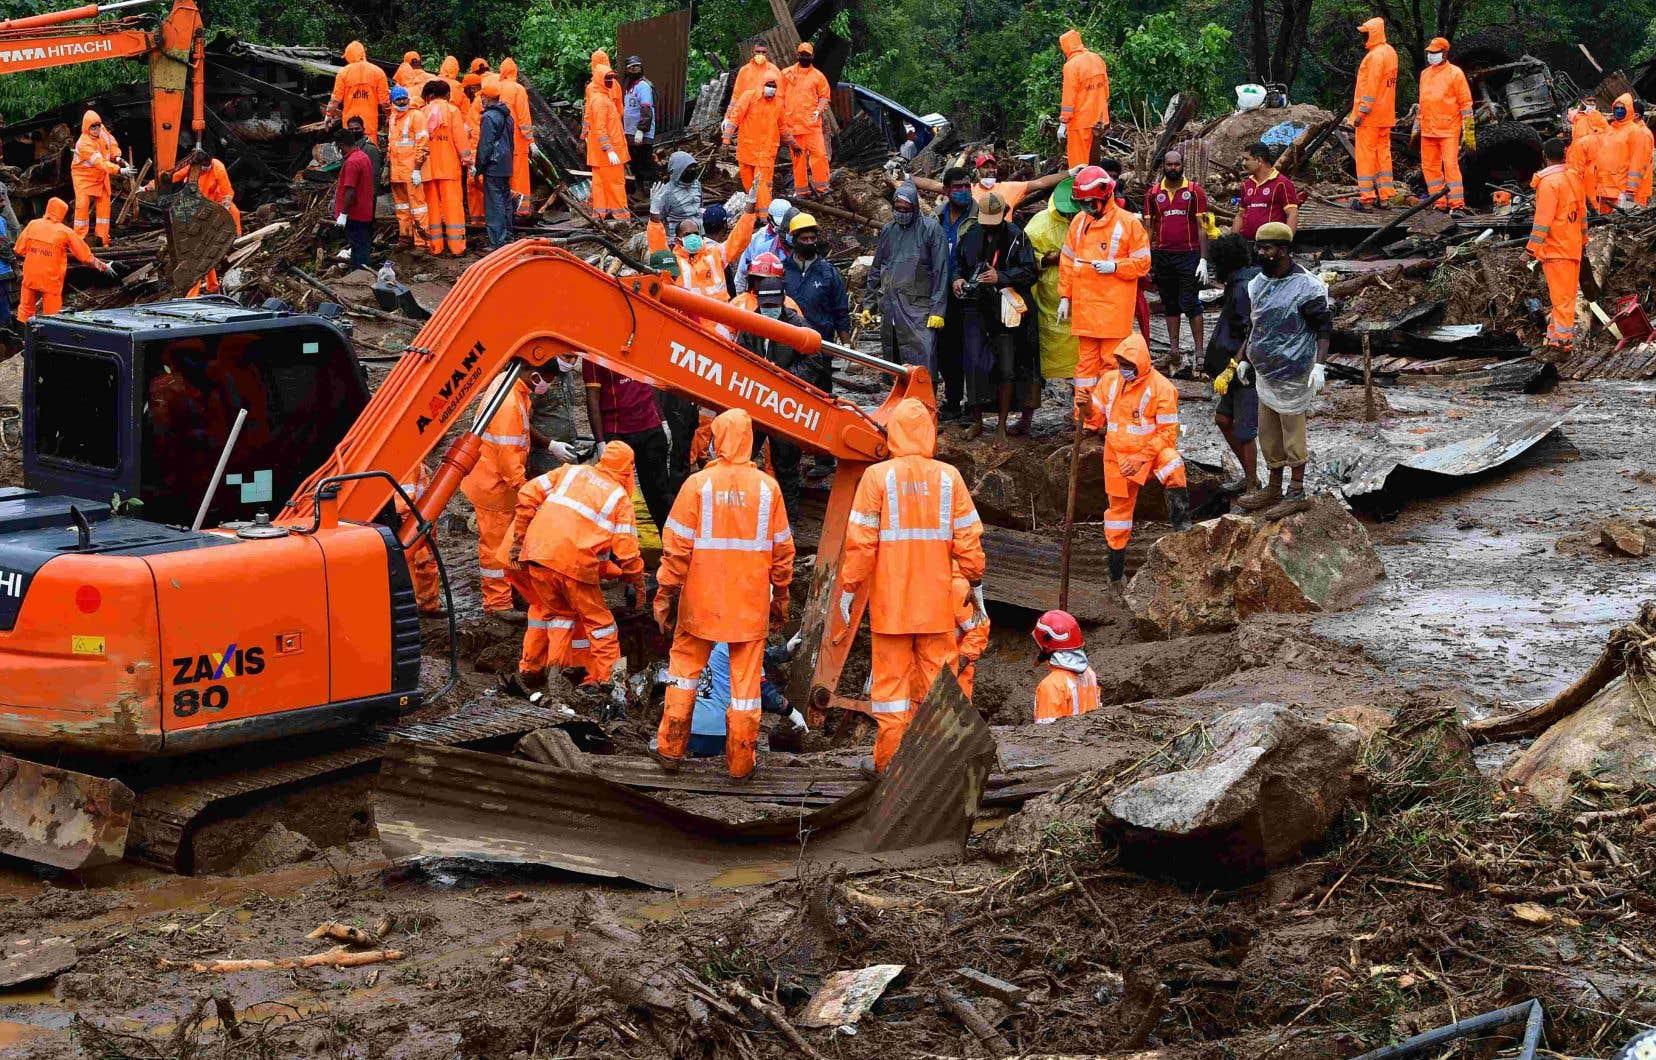 Près de 80 personnes étaient installées sur la zone touchée, dont beaucoup restent portées disparues.